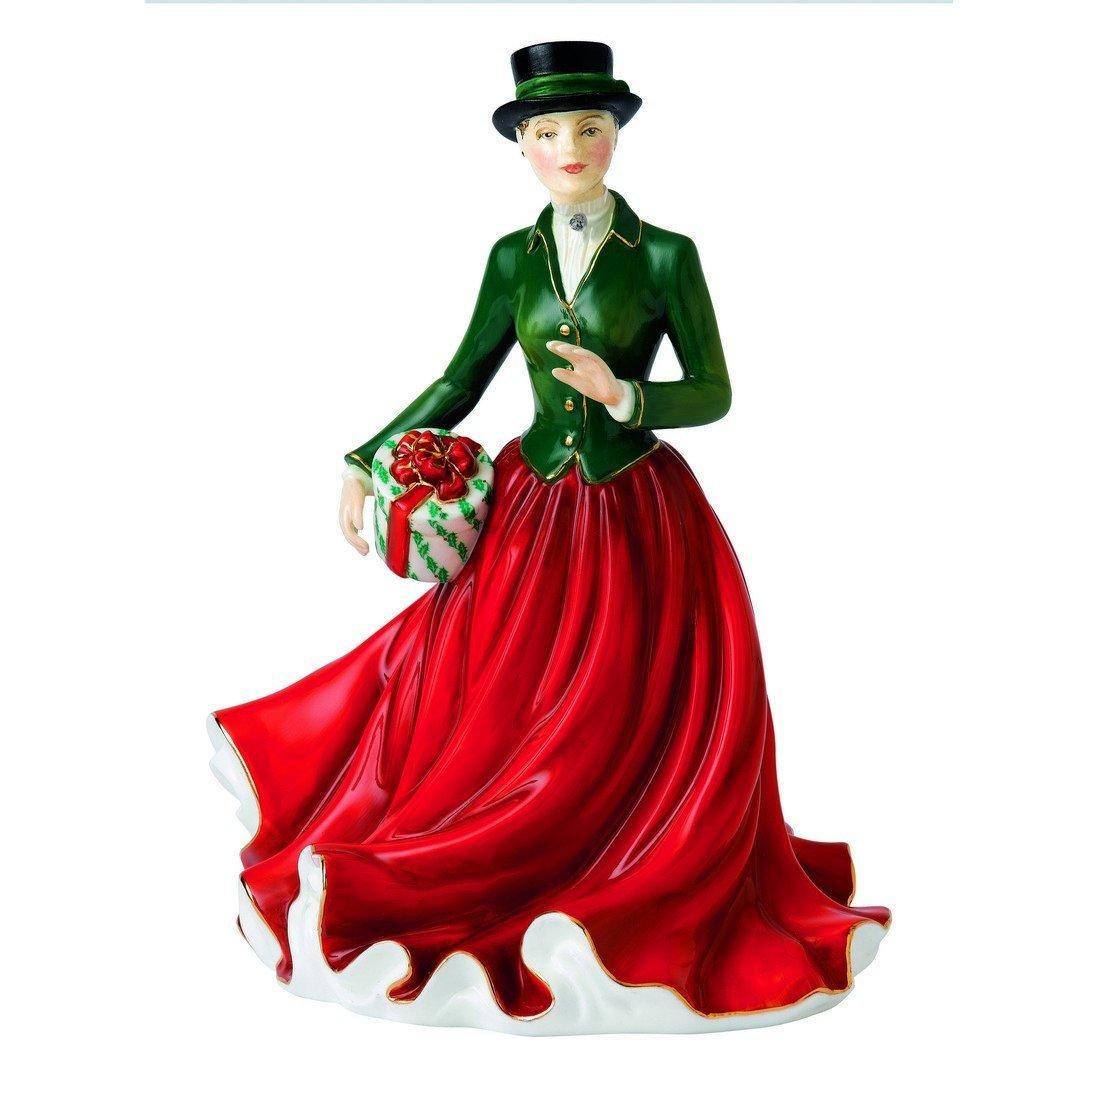 Royal Doulton Figurine: Christmas Day